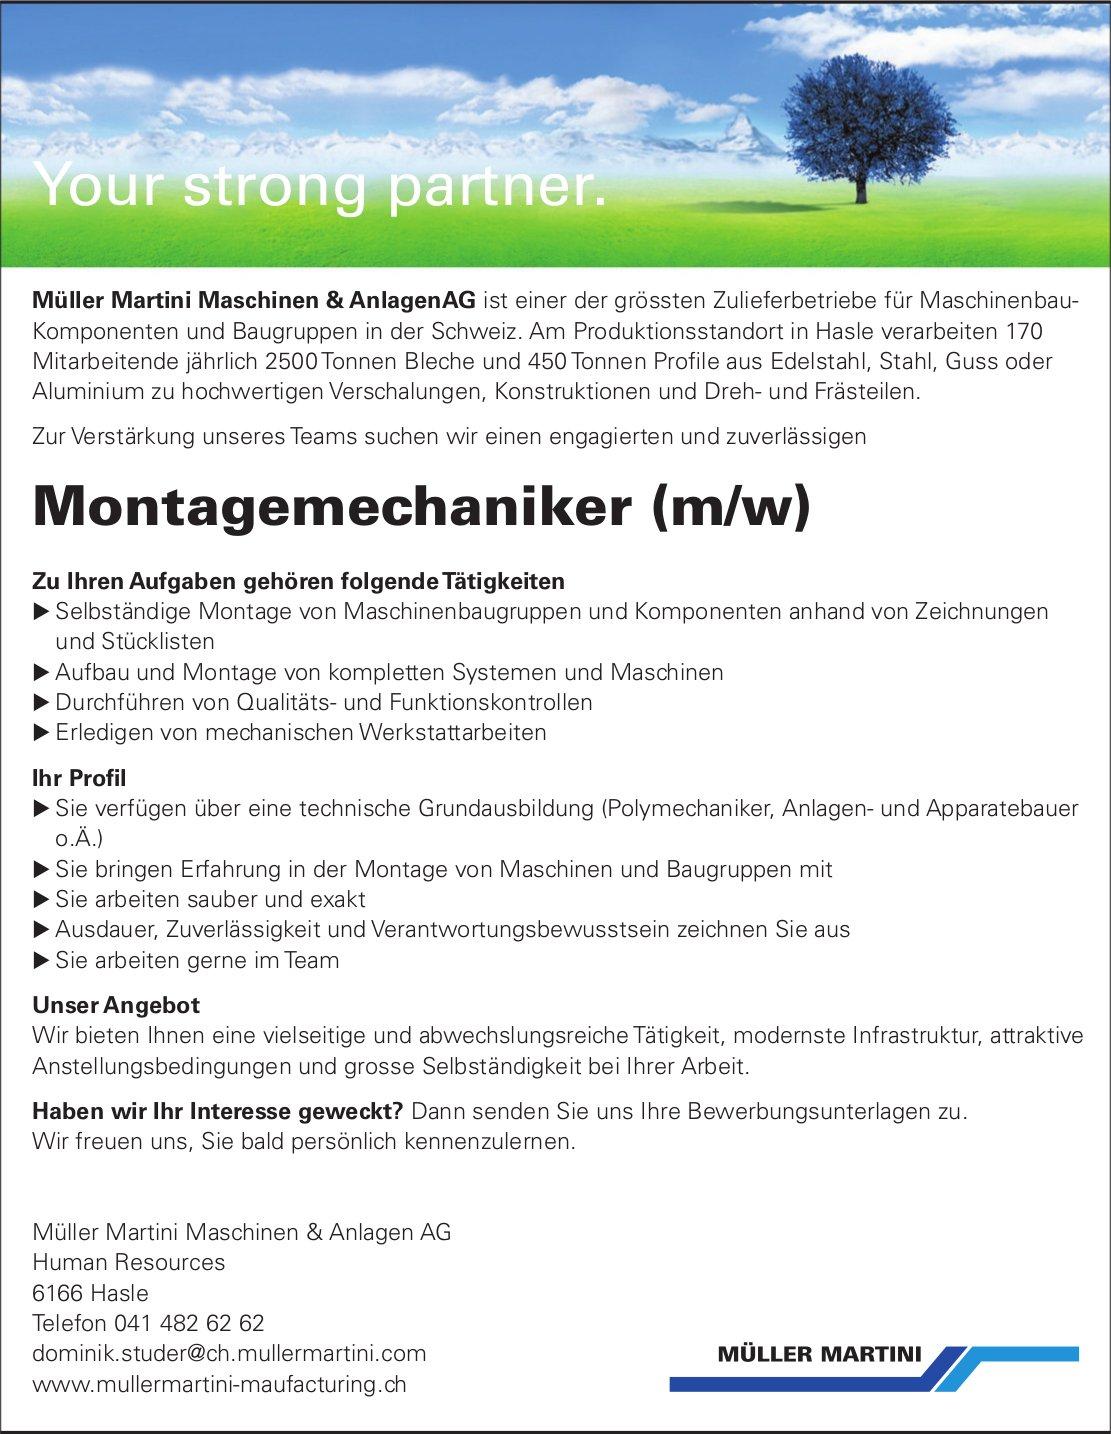 Montagemechaniker (m/w), Müller Martini Maschinen & Anlagen AG, Hasle, gesucht